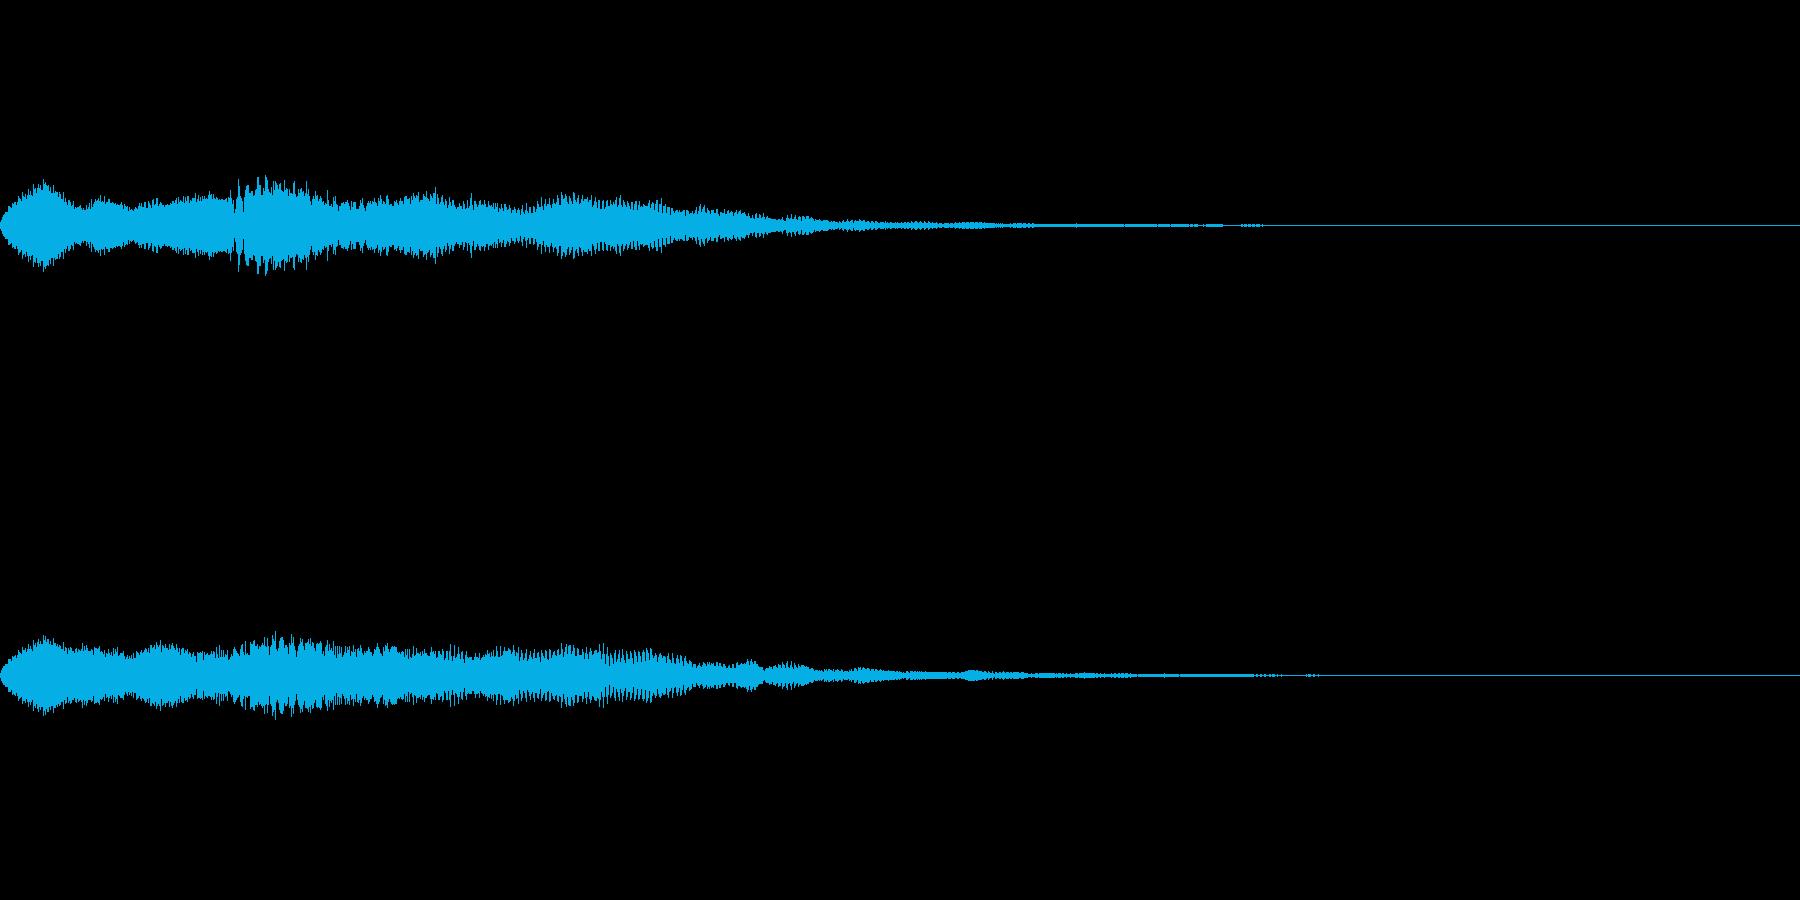 ゲームで眠った時に流れるジングル曲の再生済みの波形